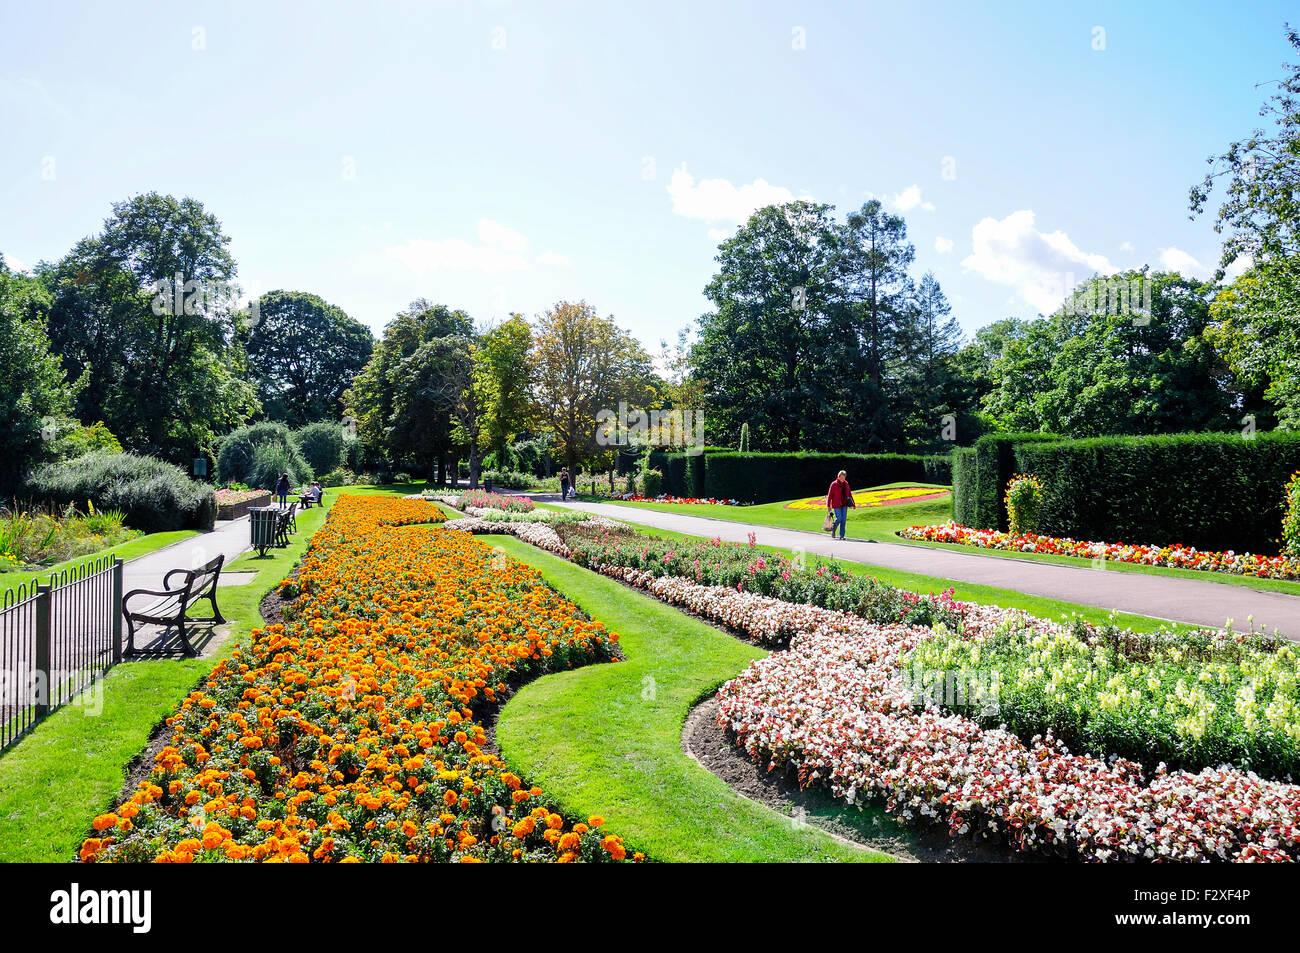 Flower beds, Central Park, Dartford, Kent, England, United Kingdom - Stock Image